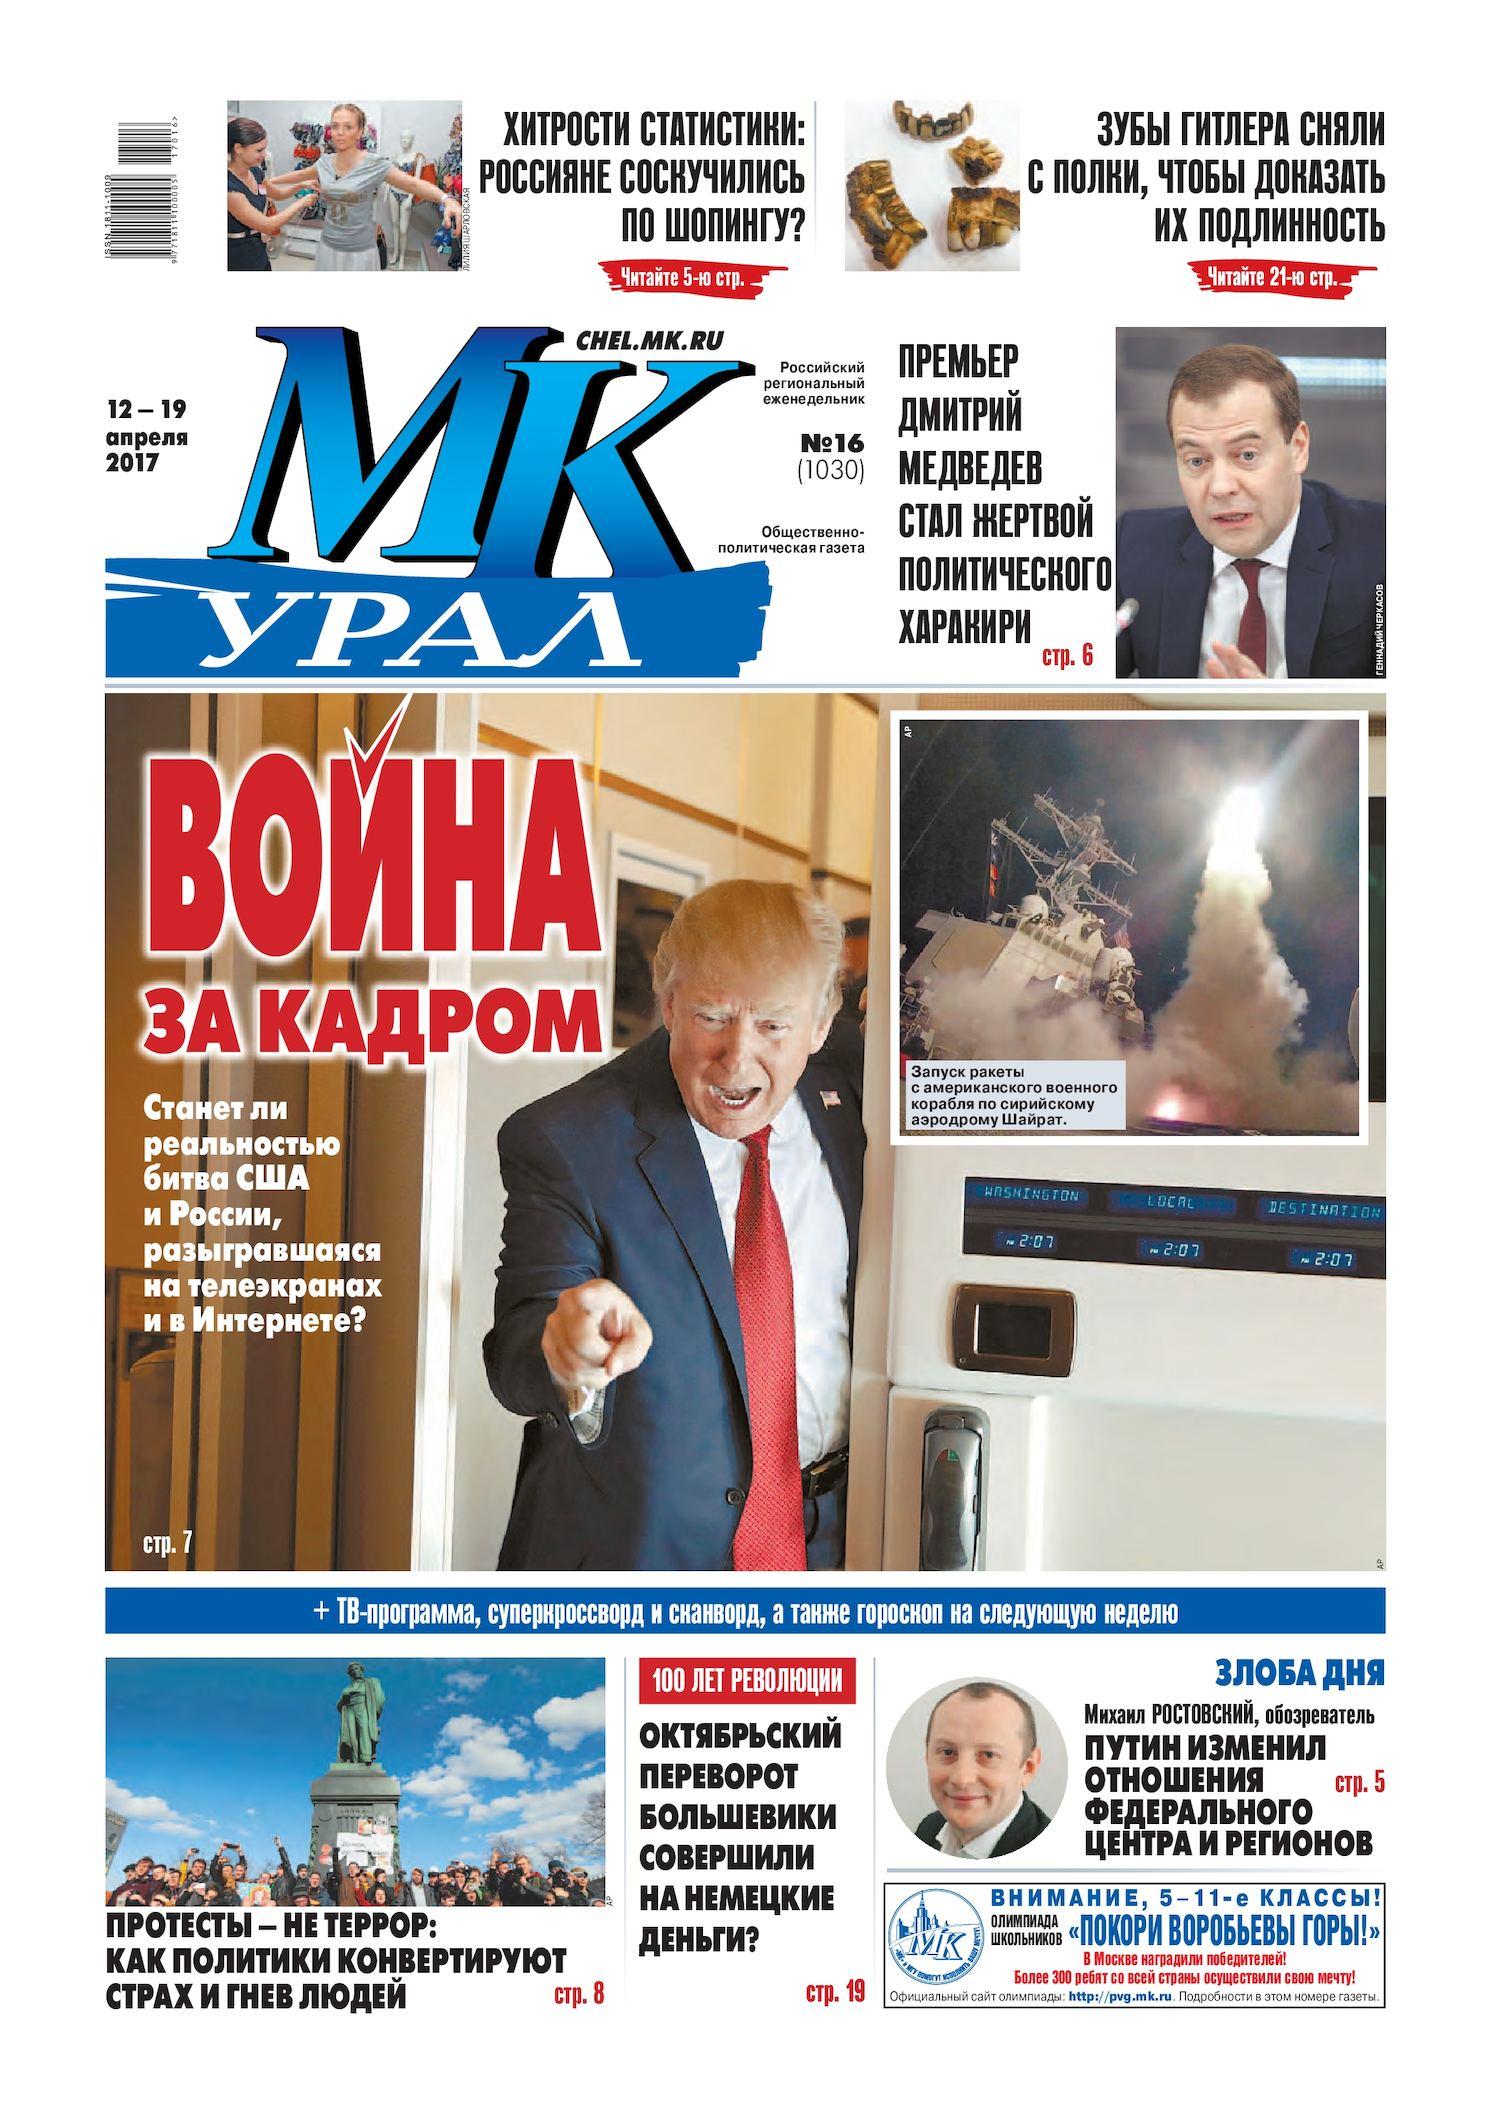 Несанкционированная реклама в интернете сканворд прогонка хрумером Братиславская